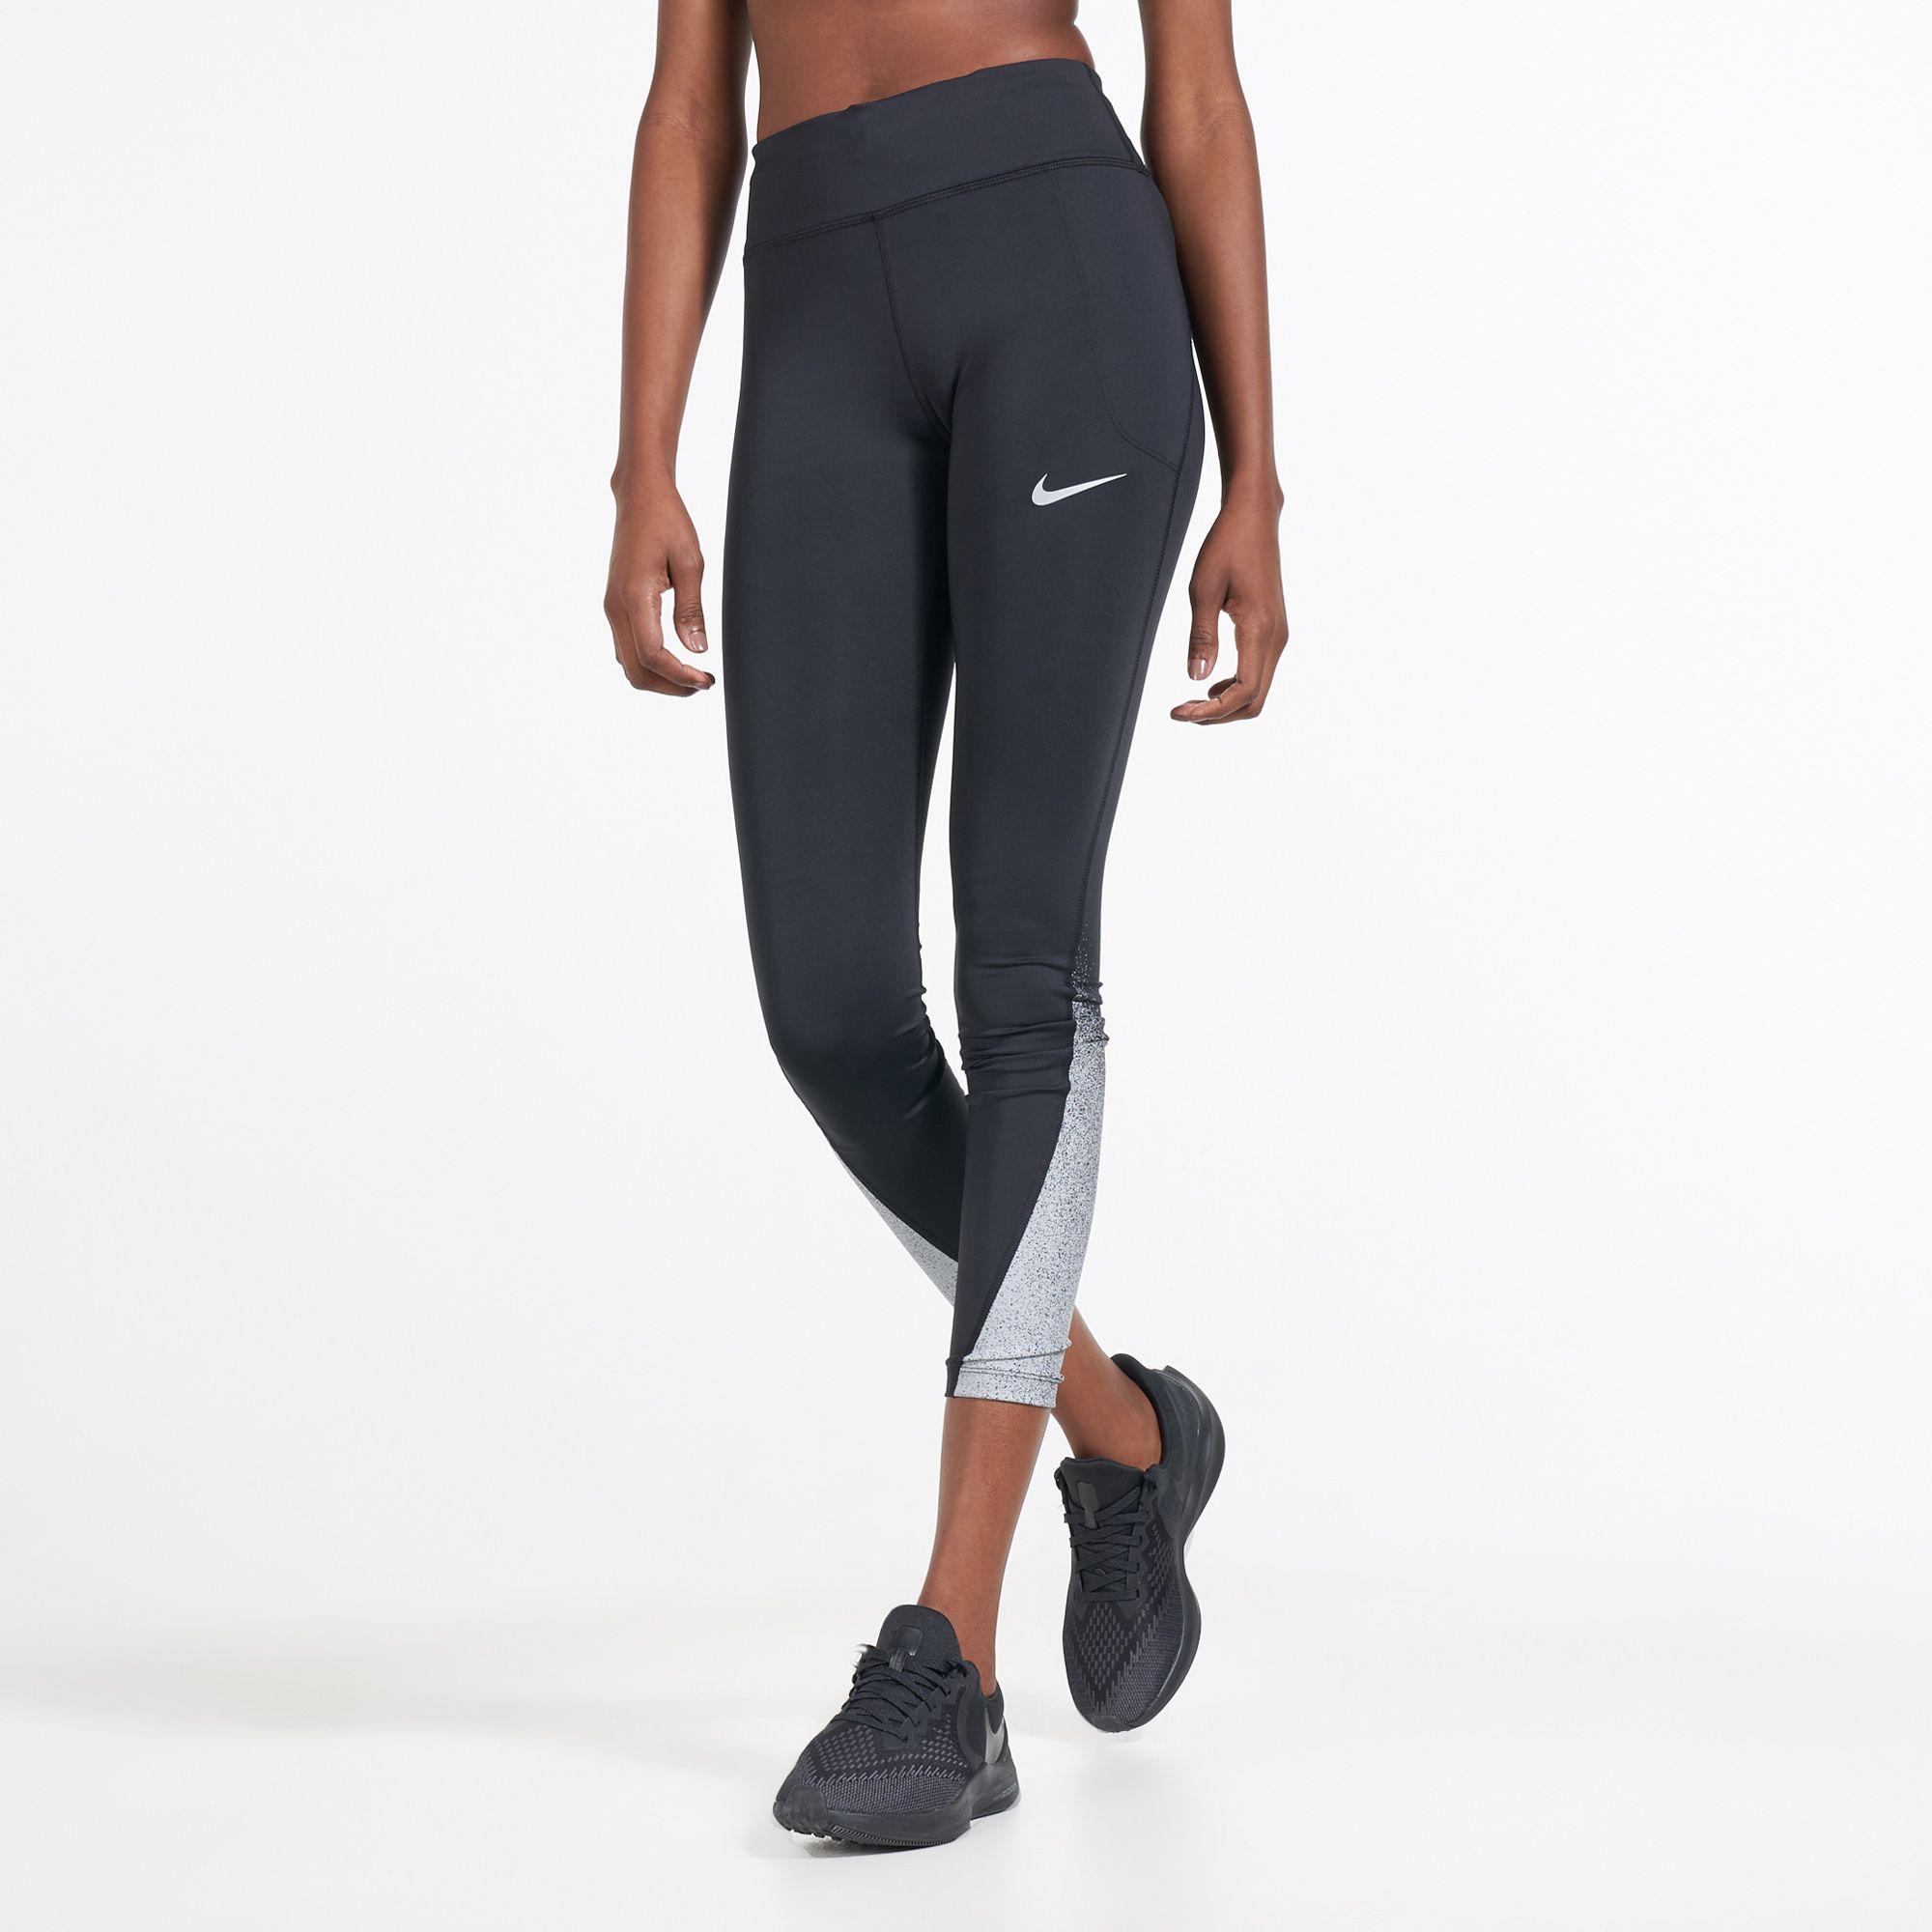 Nike Women's Fast Running Leggings